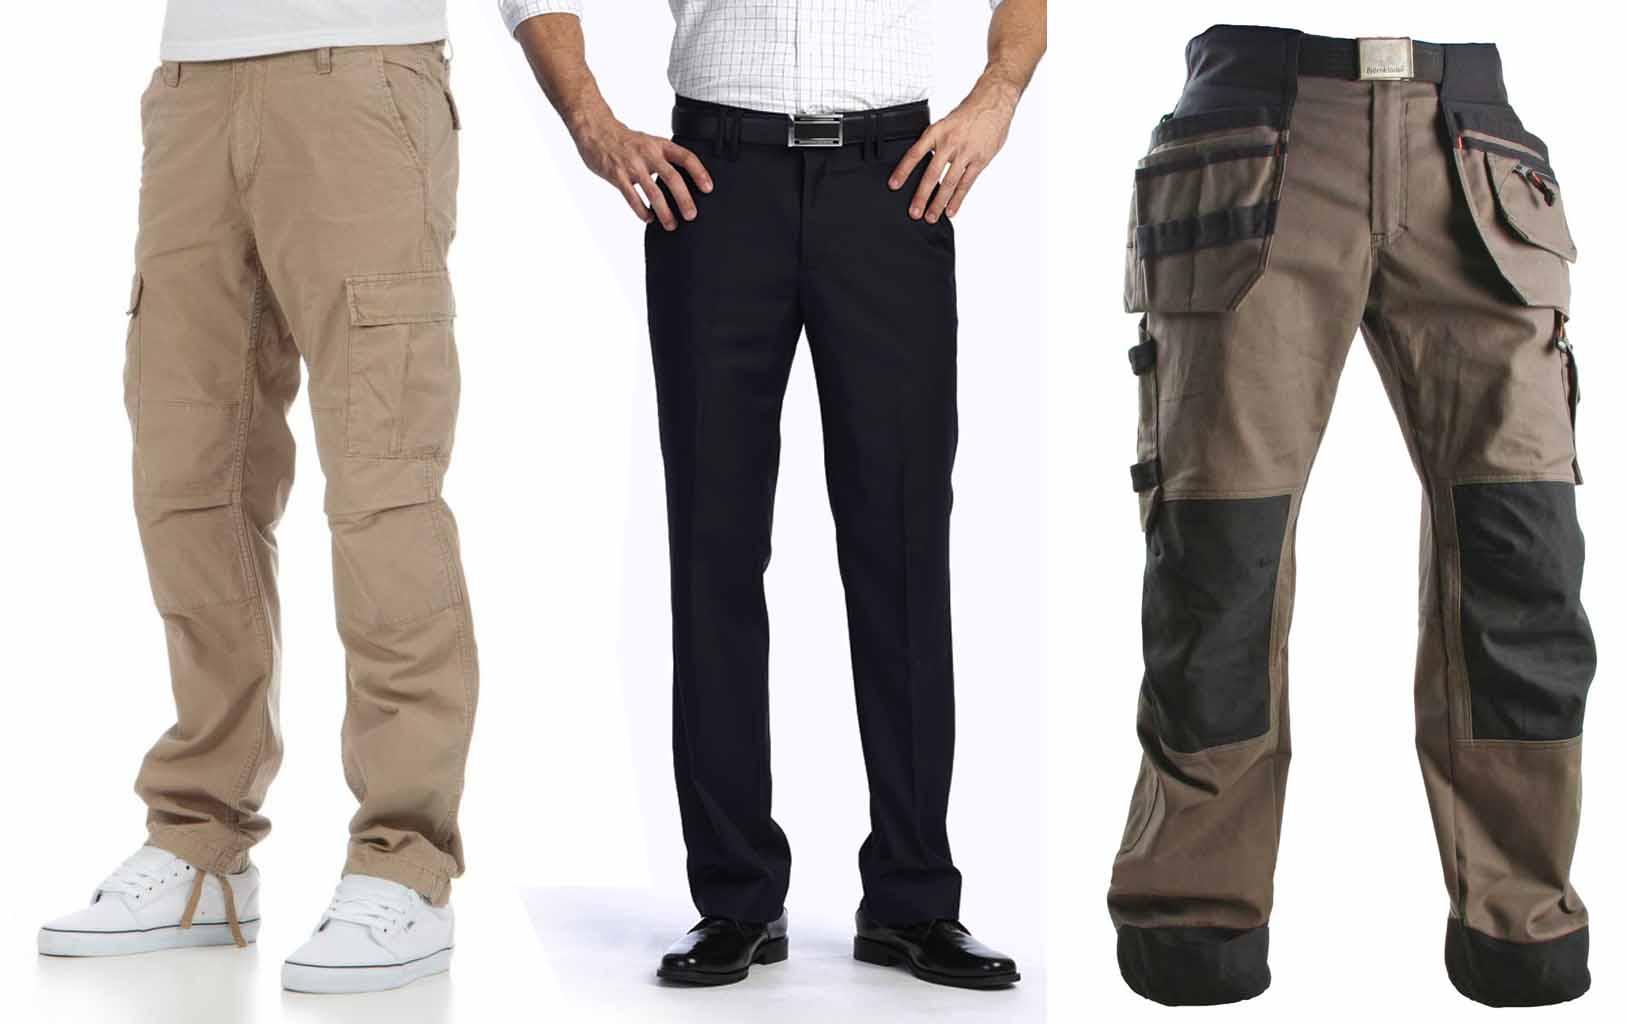 Molto scegliere i pantaloni giusti VO48